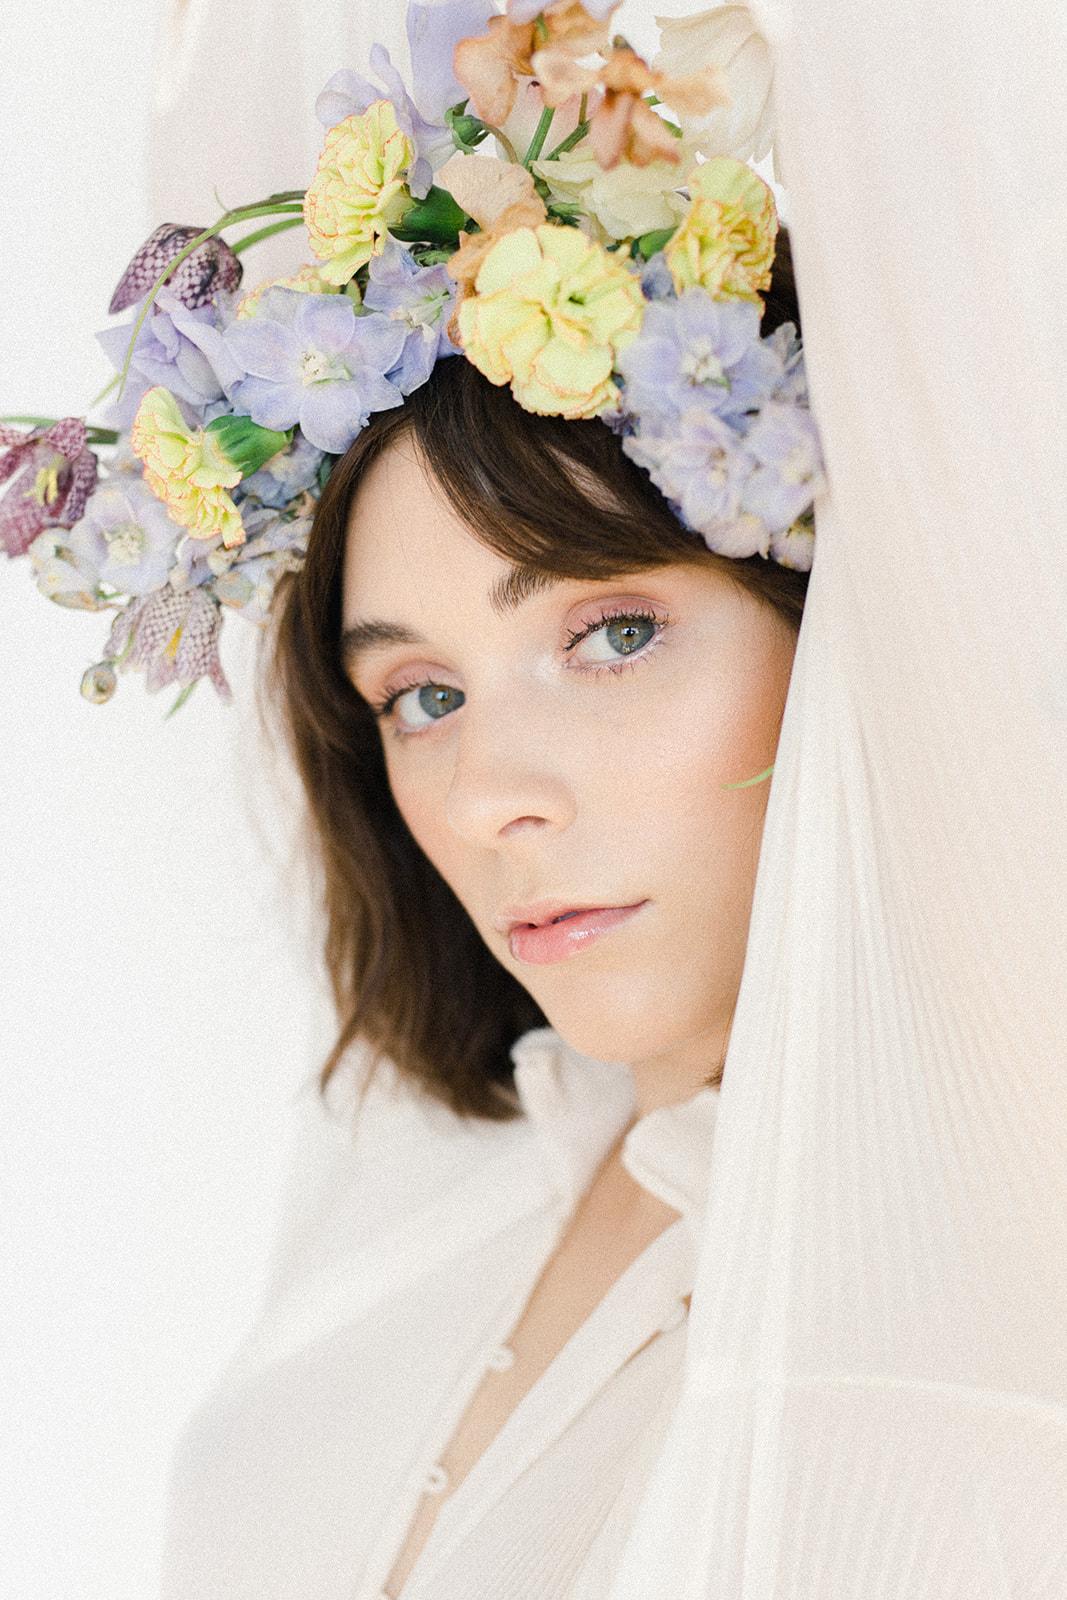 Flower-Crown-Shoot-white-shirt-6.jpg